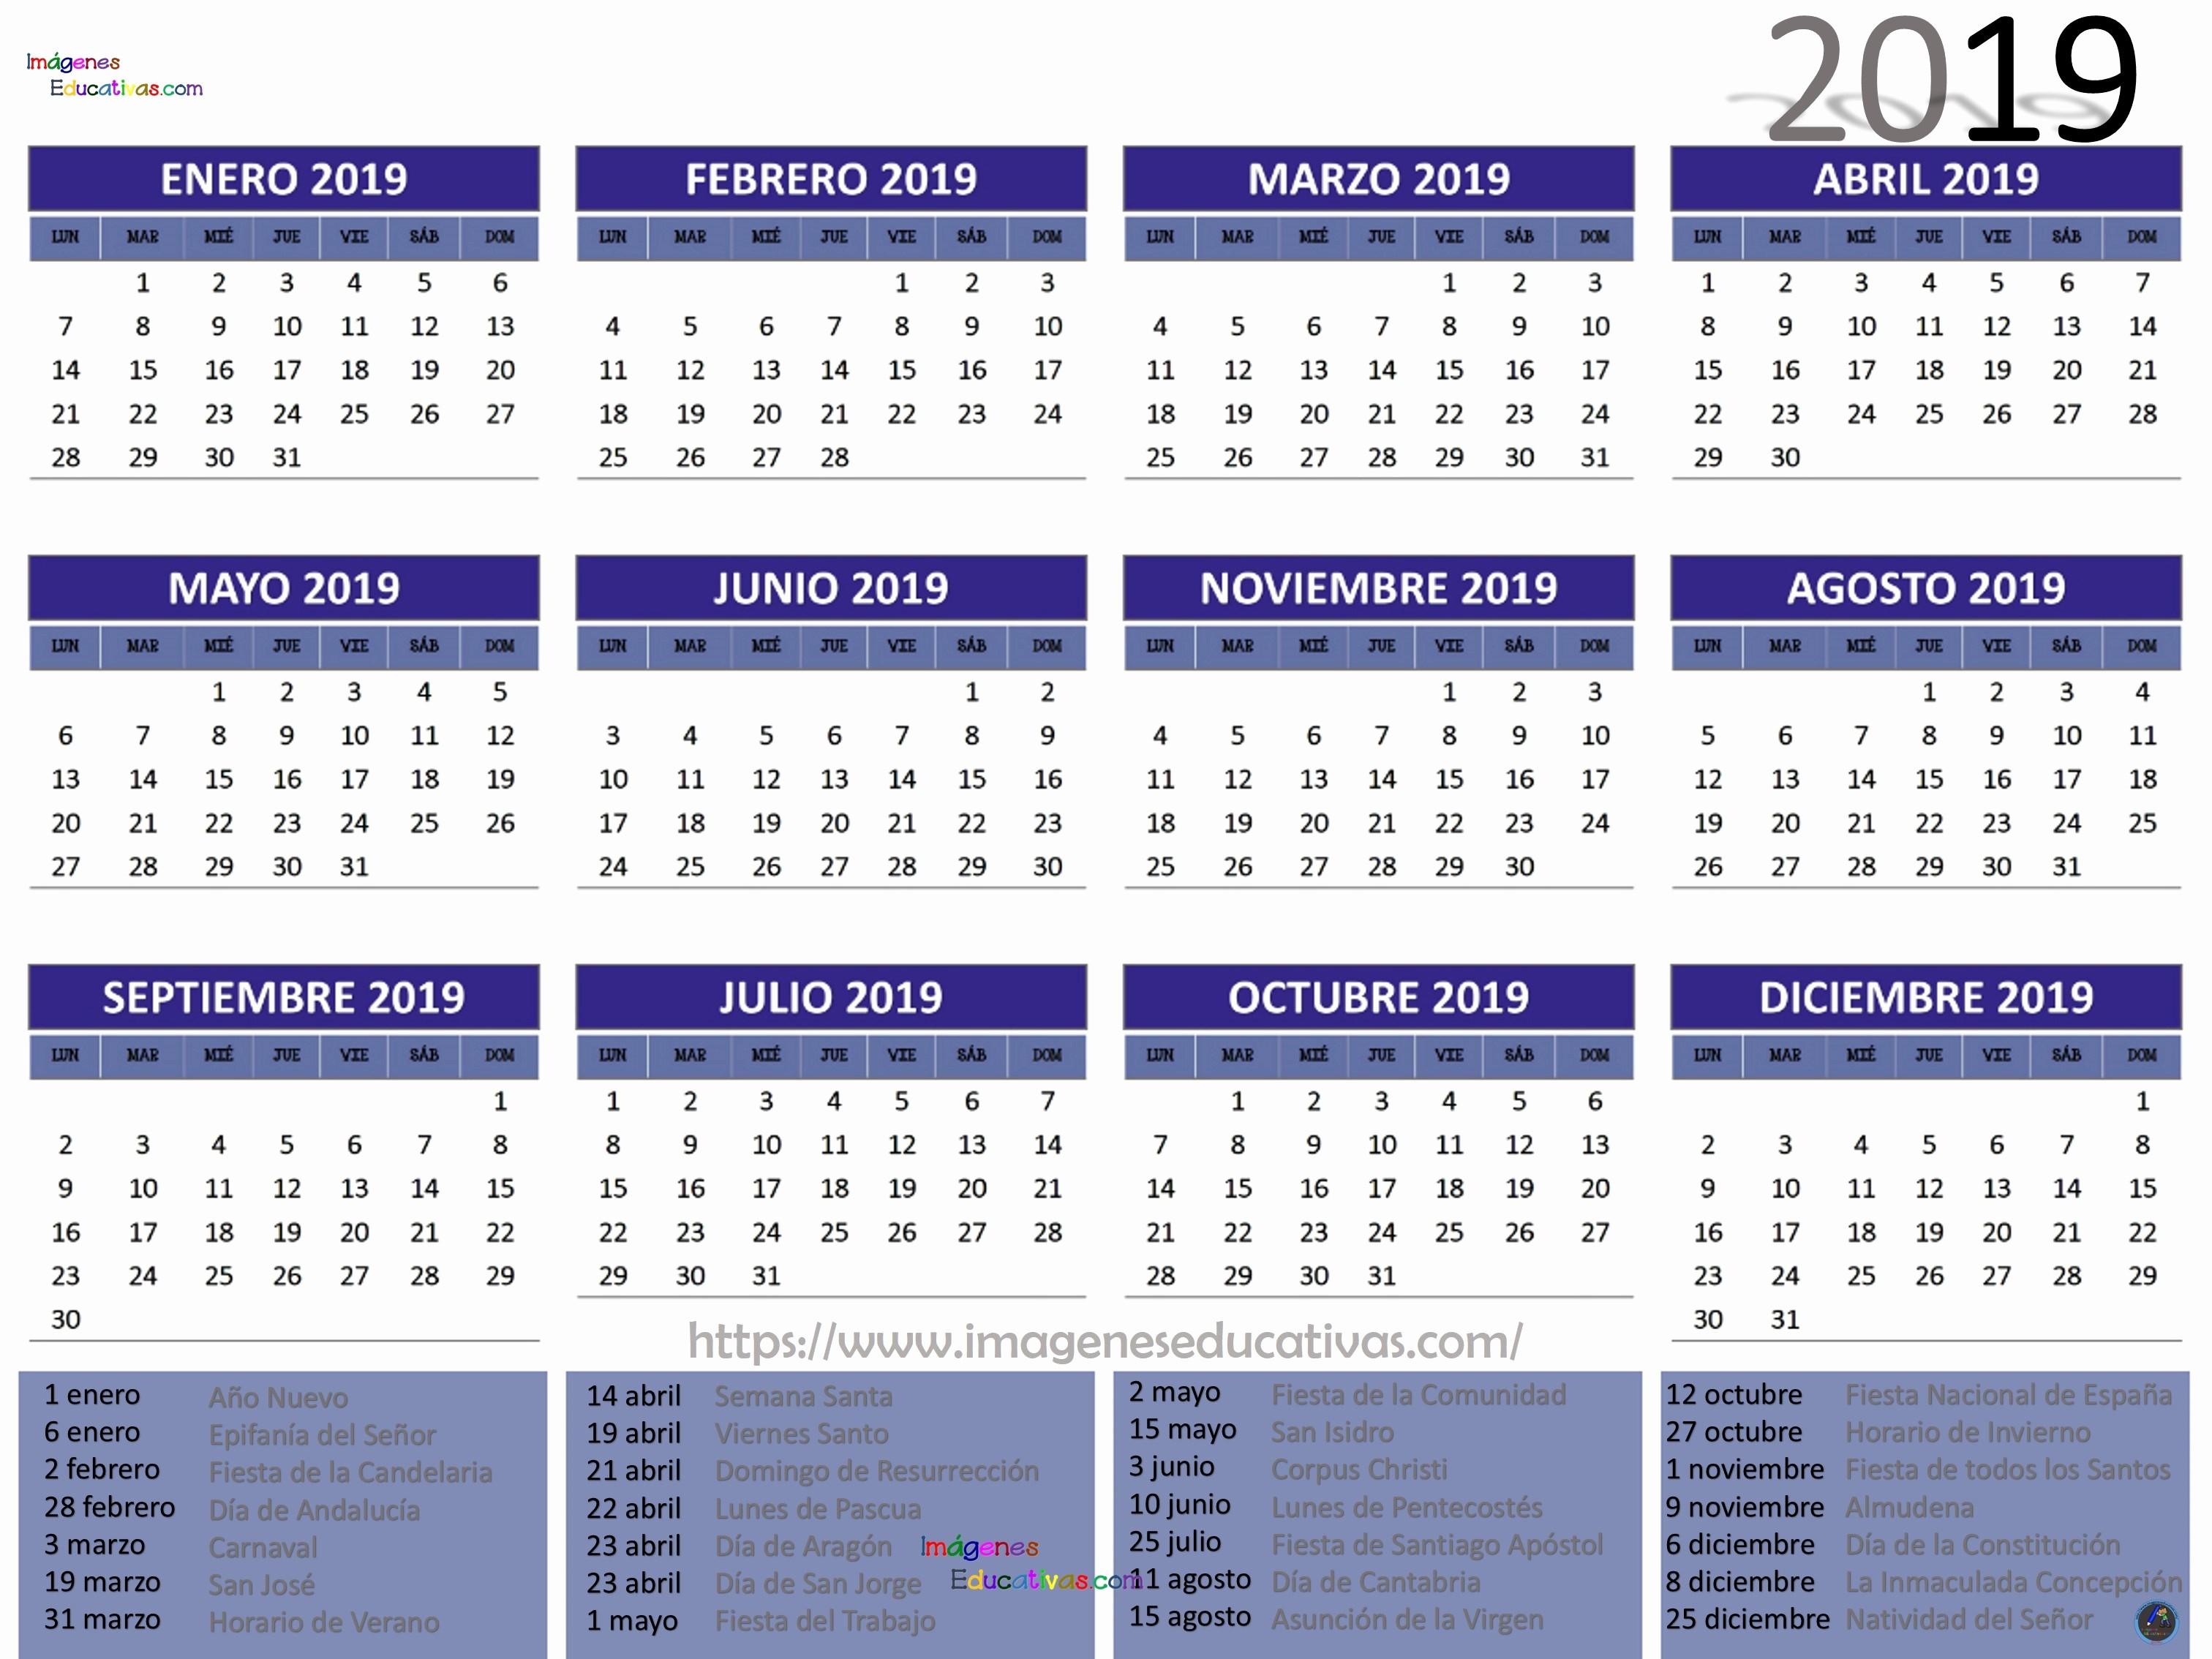 Calendario 2019 Escolar Panama Más Populares Calendario De Amor Letra 2019 Calendarios Agosto 2018 Ld Michel Of Calendario 2019 Escolar Panama Más Caliente Informes Calendario Escolar 2019 En Panama